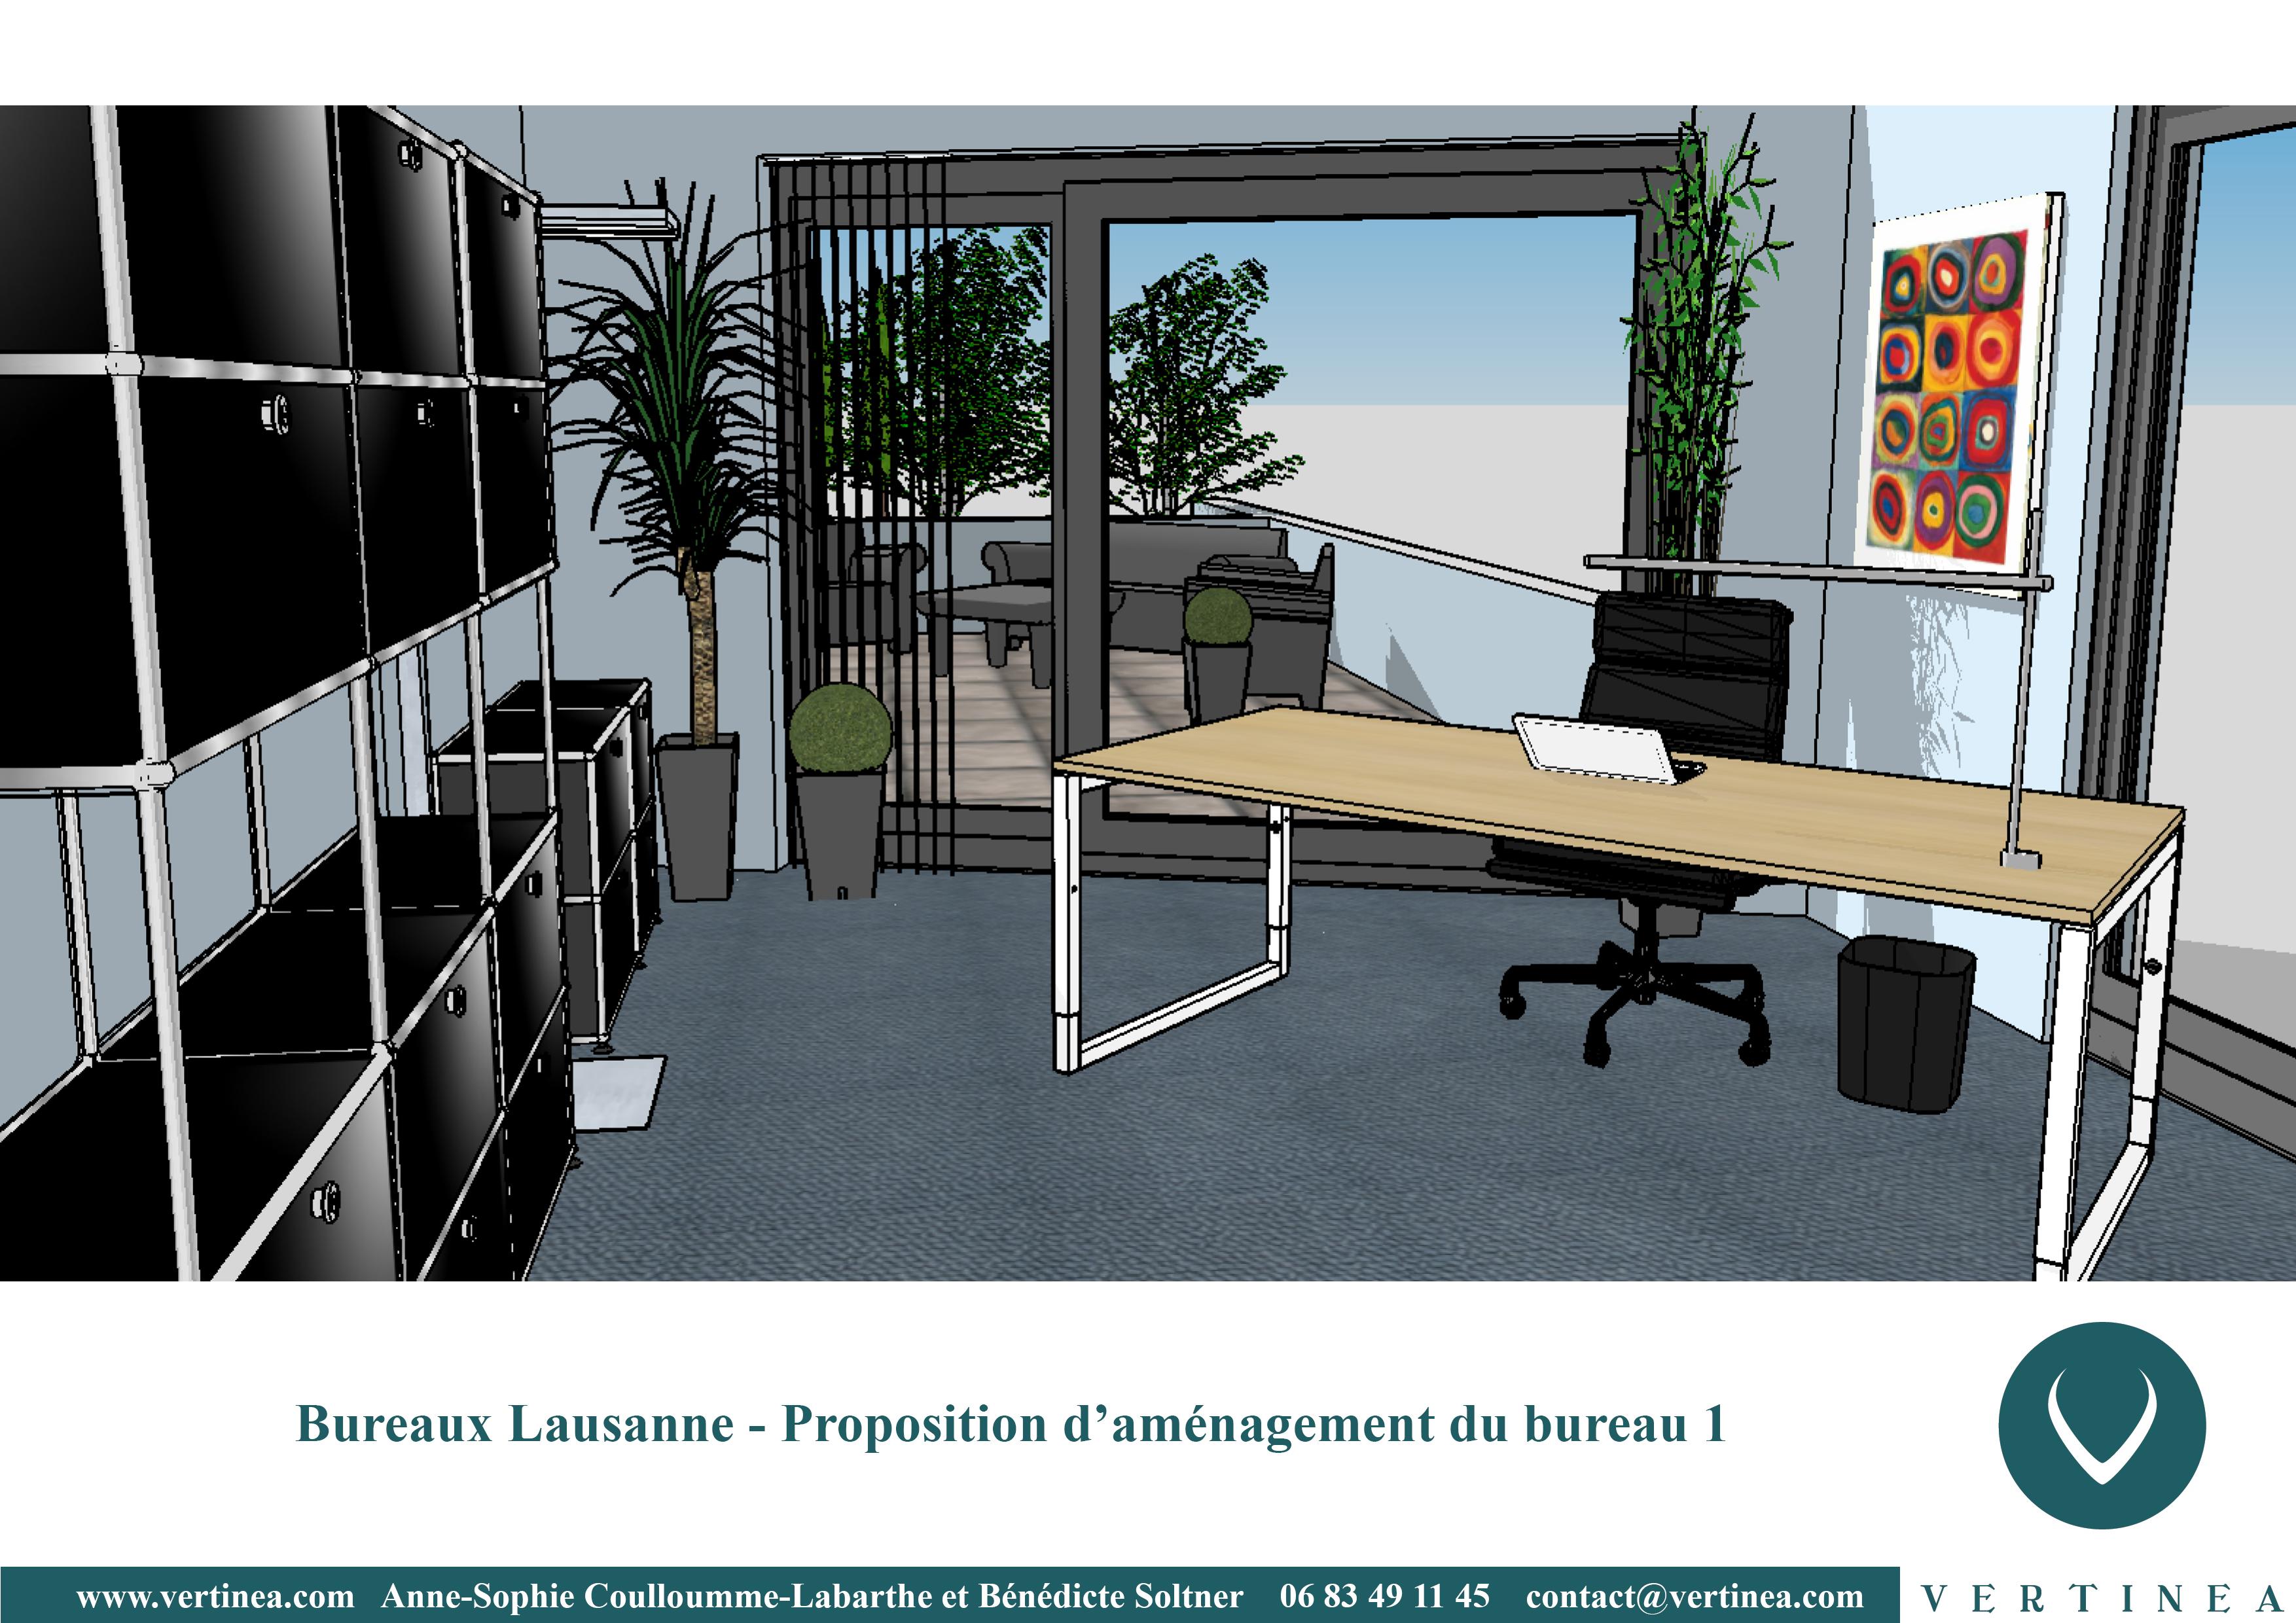 Am nagement et d coration int rieure de bureaux lausanne vertinea - Amenagement bureaux professionnels ...